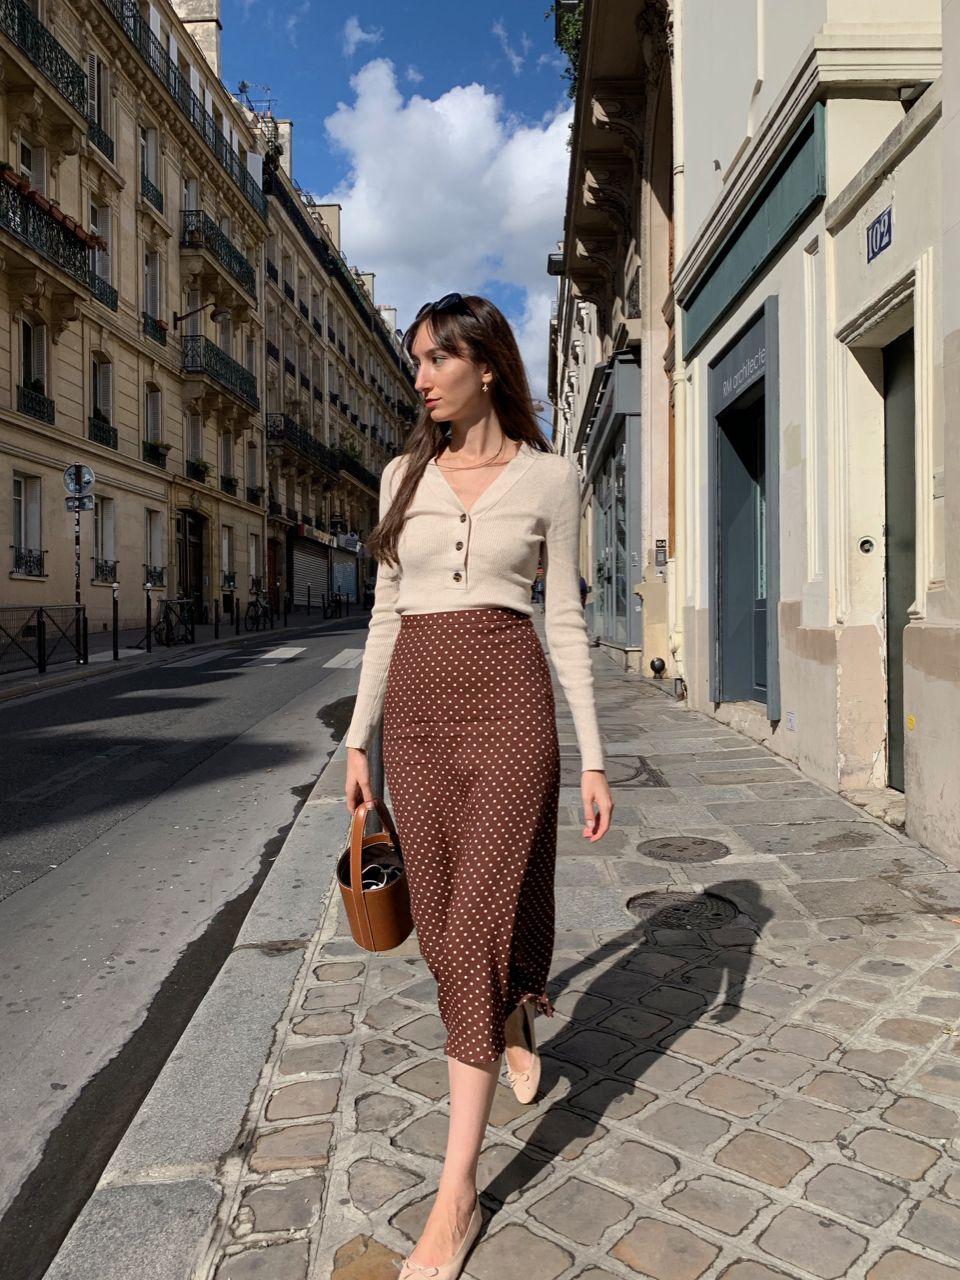 giày búp bê đính nơ mang phong cách của những cô gái Pháp